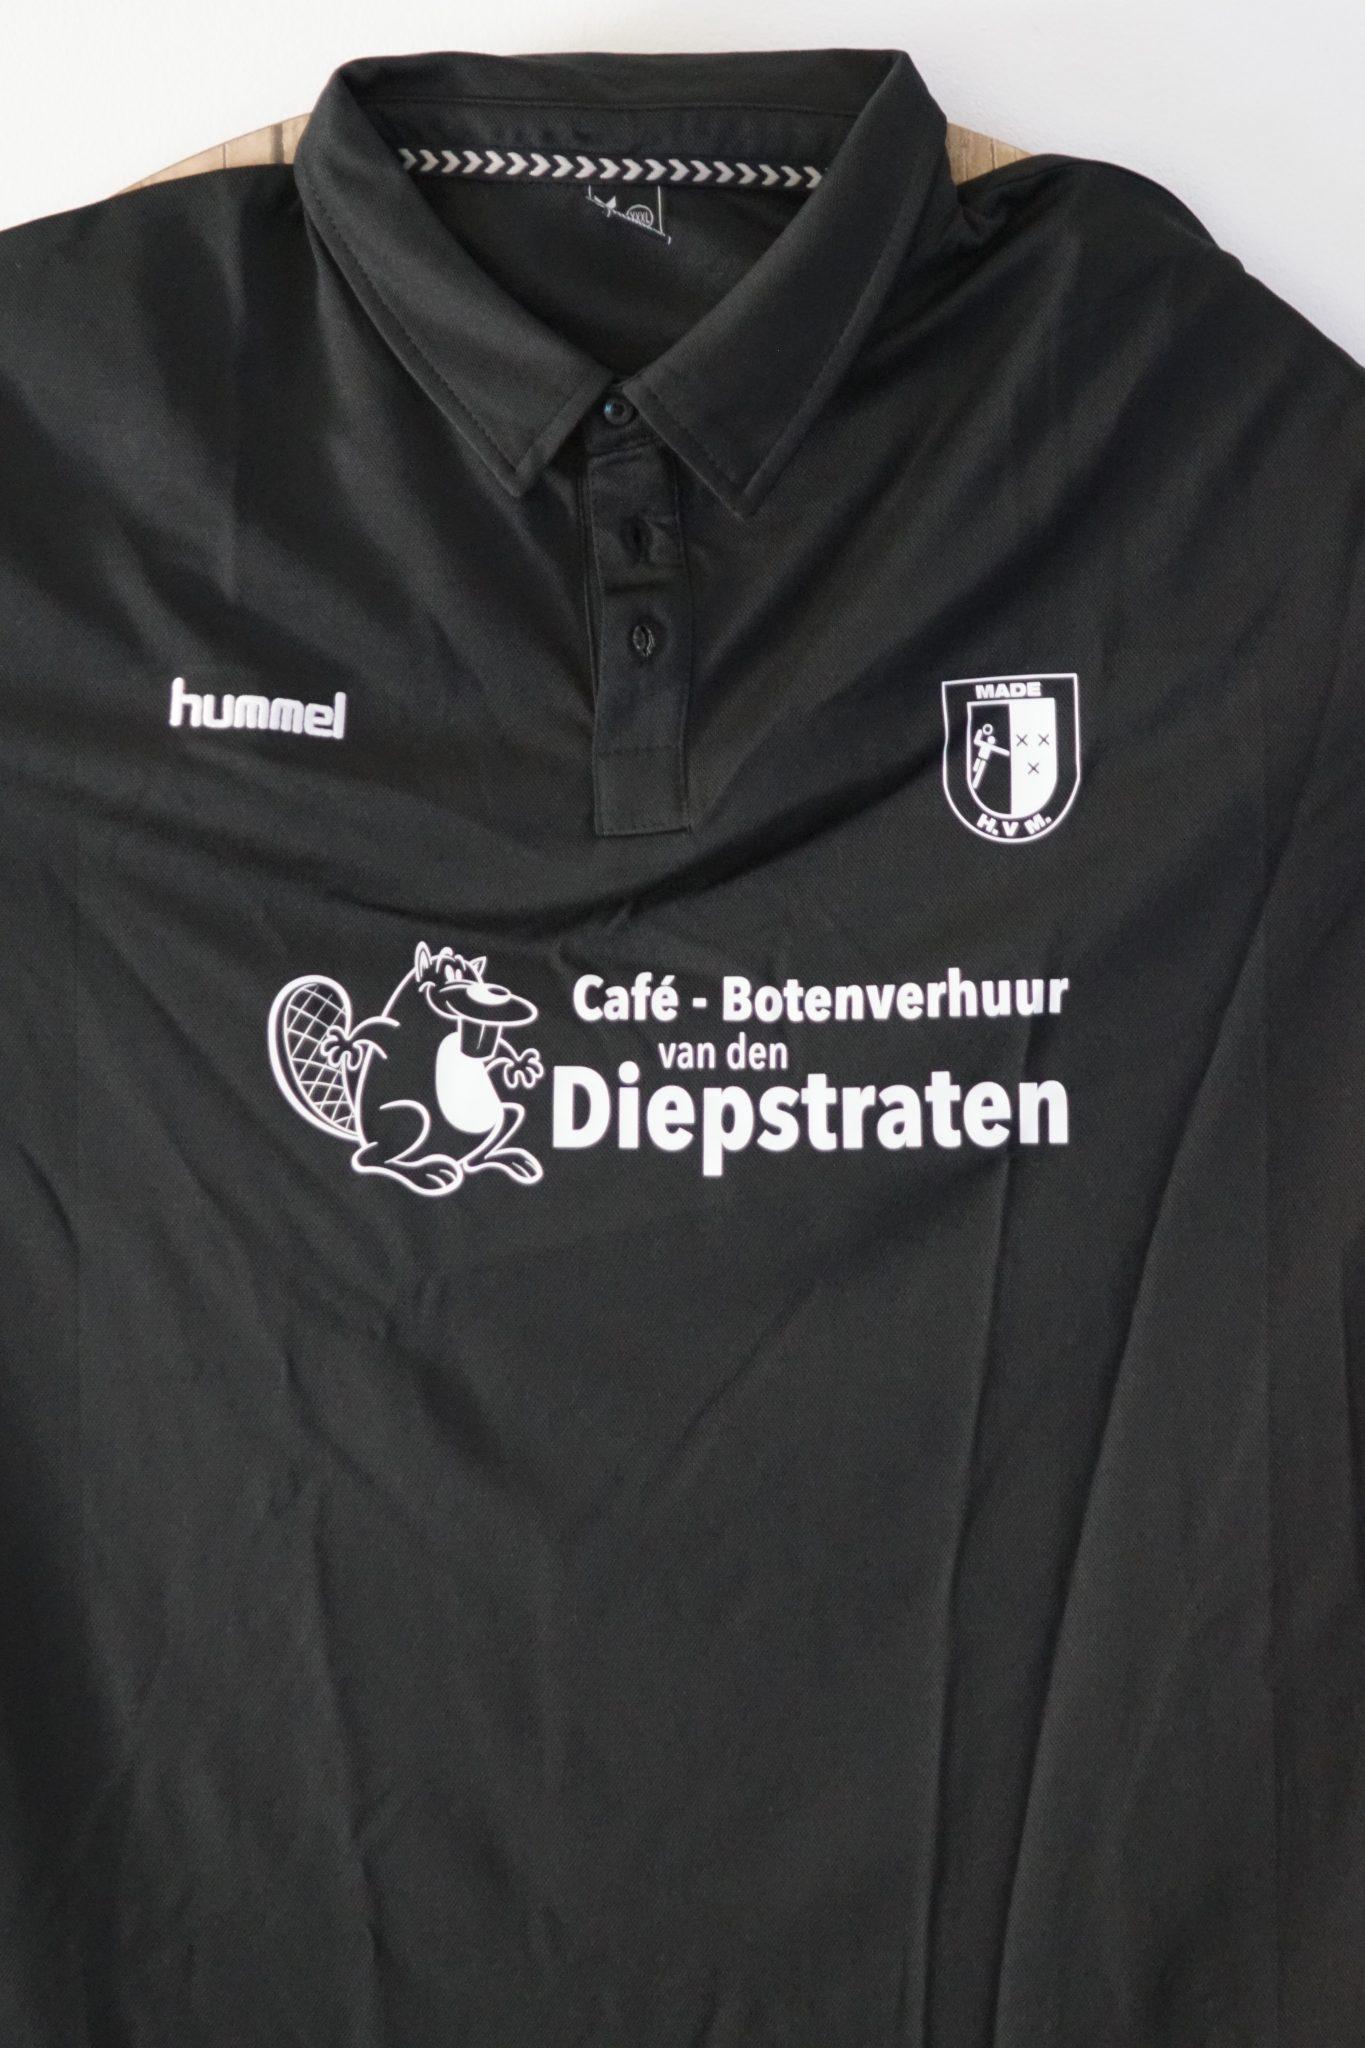 Ook onze trainer en coaches hebben nieuwe t-shirt